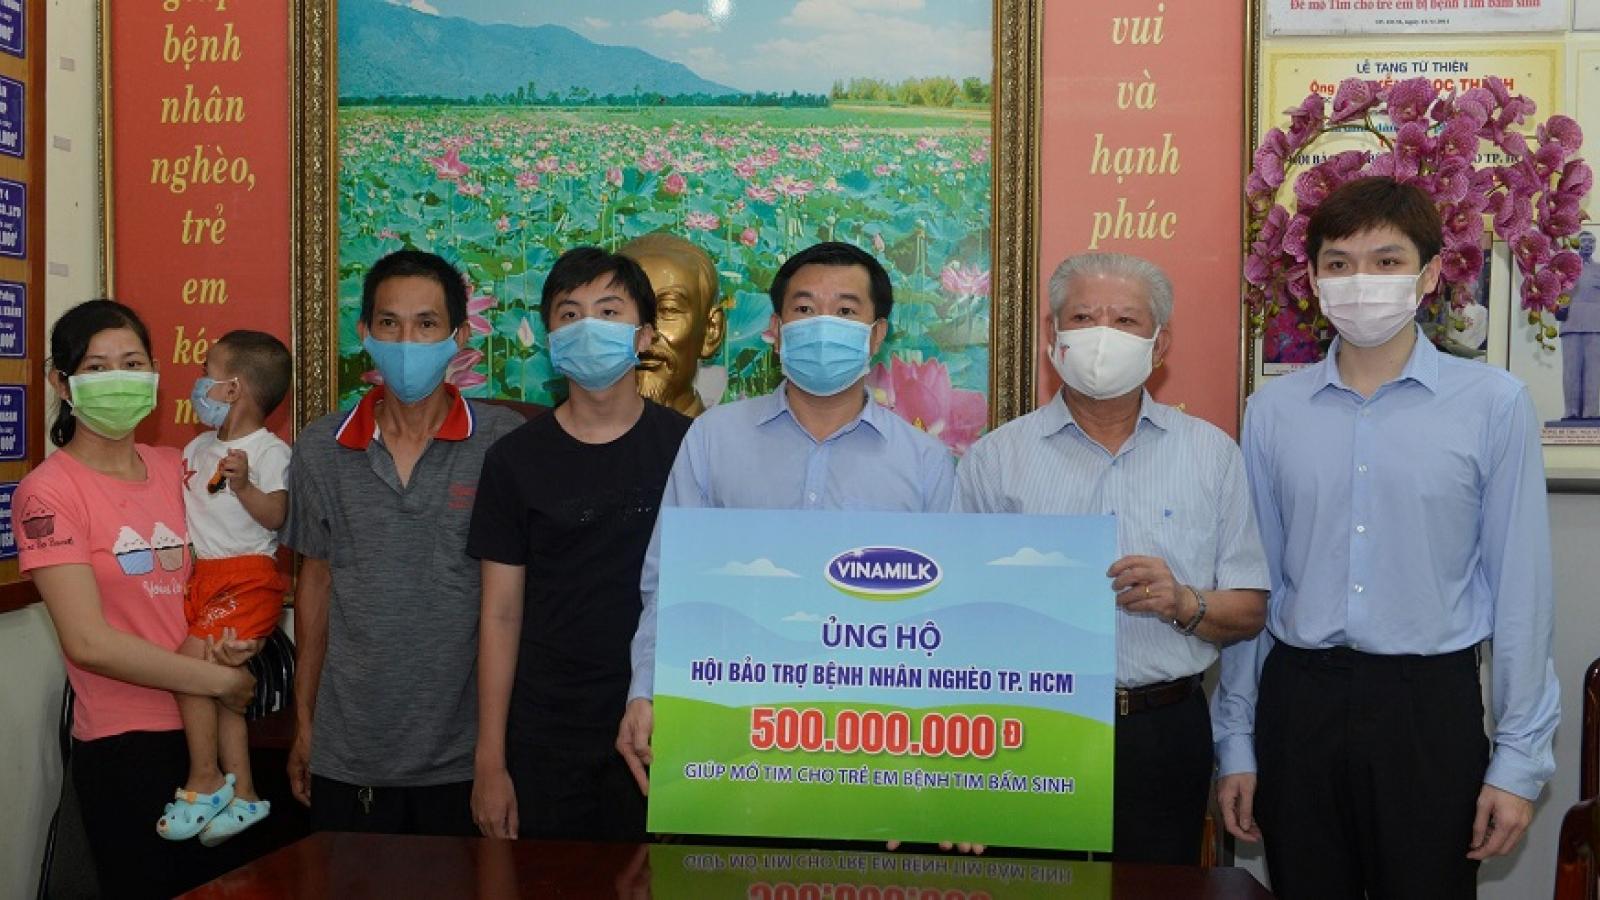 Hàng ngàn trẻ em, bệnh nhân nghèo được Vinamilk hỗ trợ mổ tim miễn phí